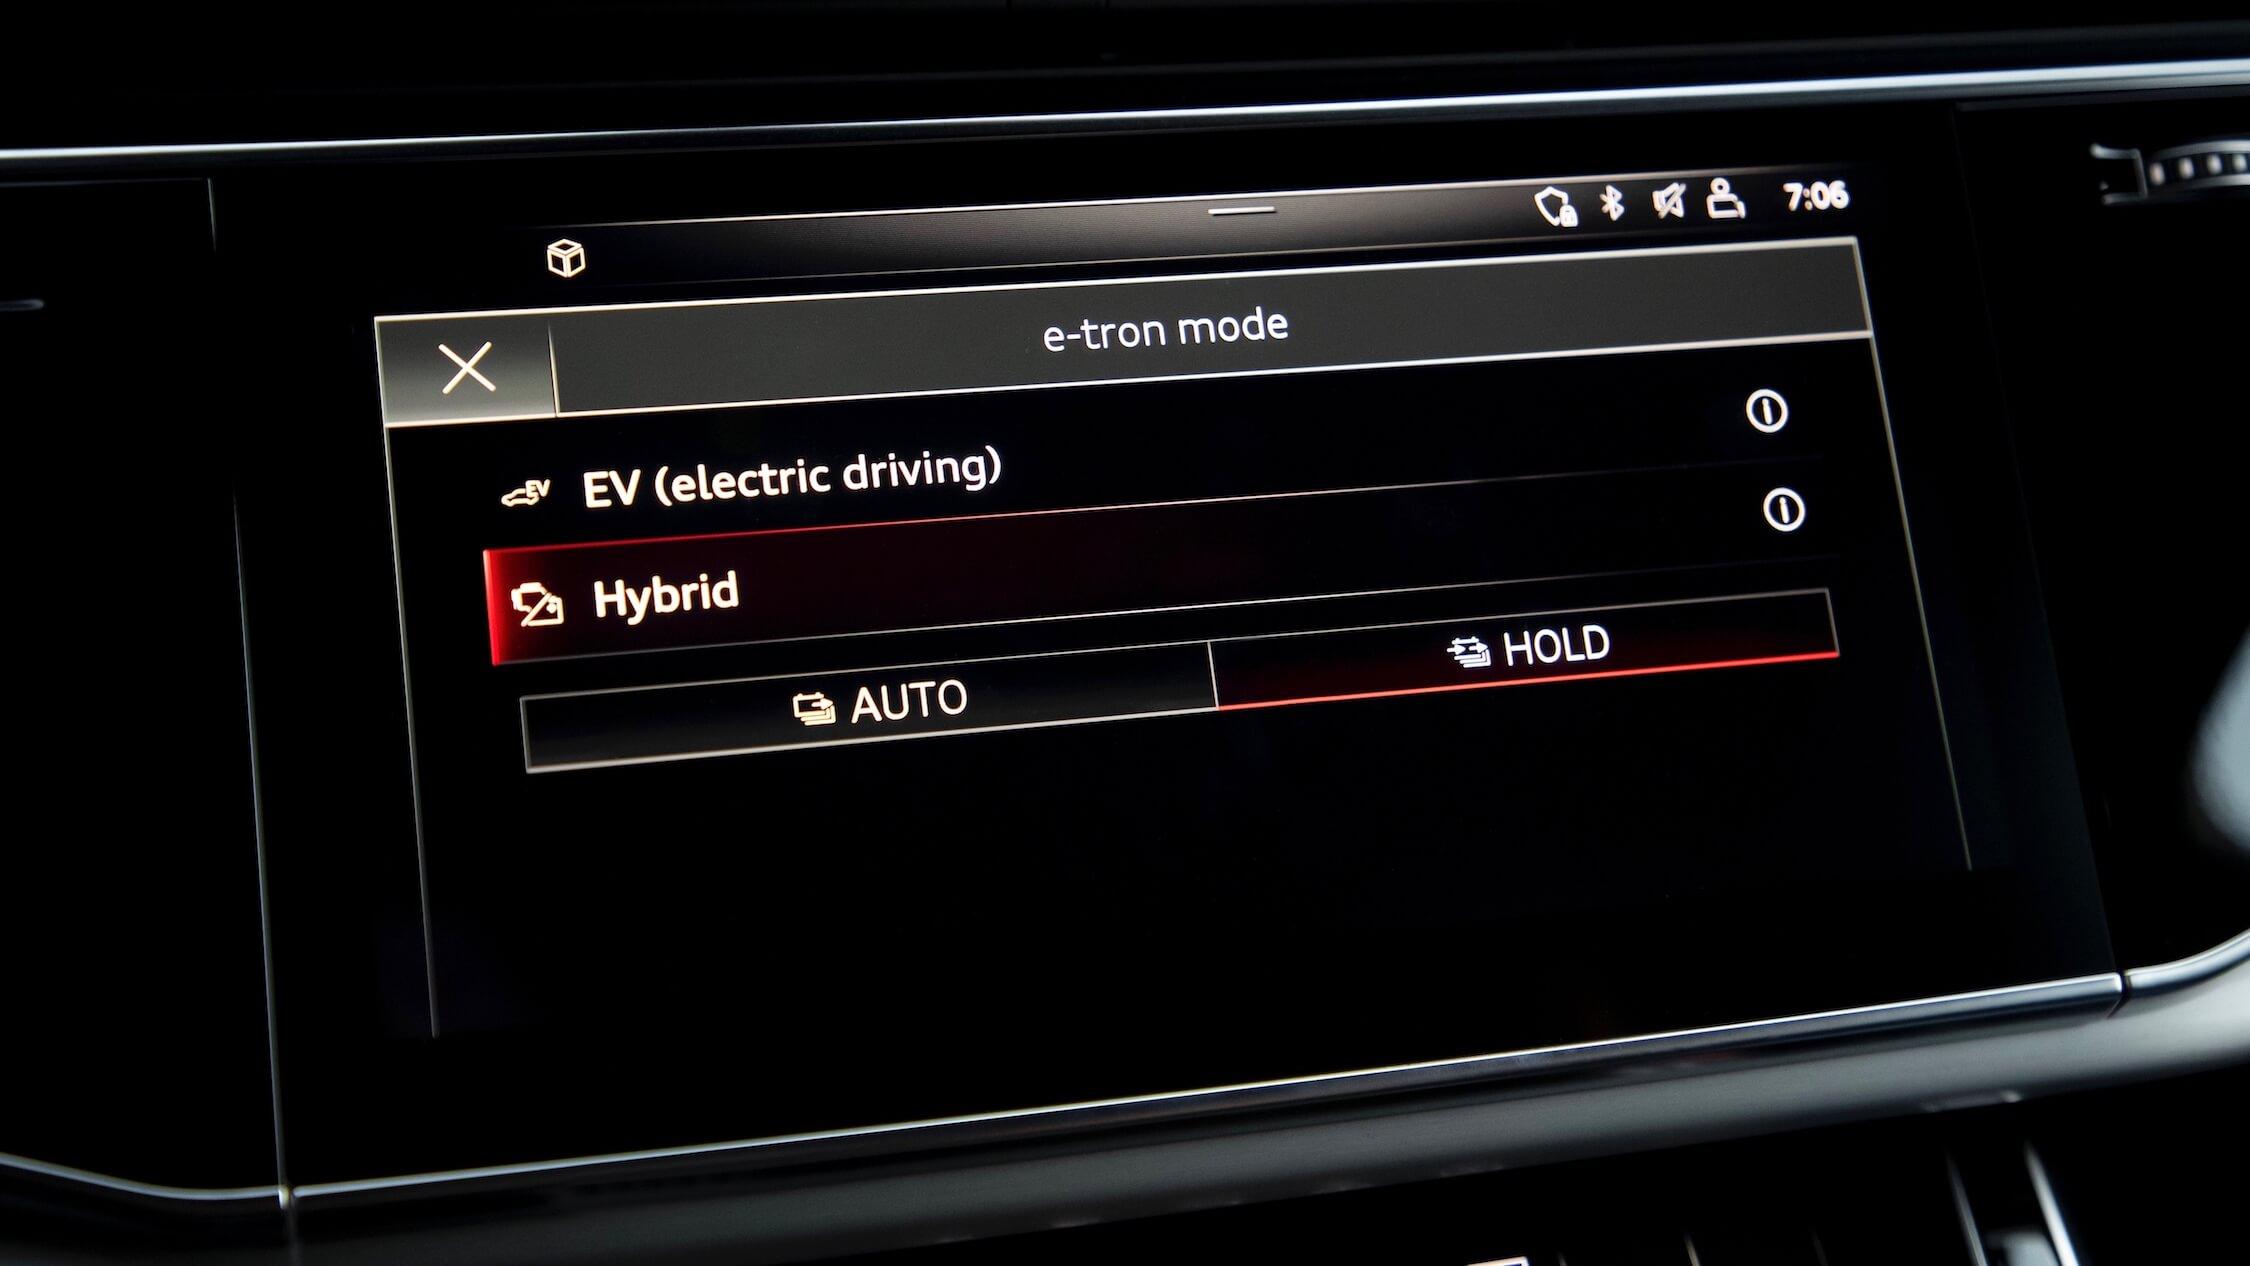 Audi Q7 híbrido infotainment